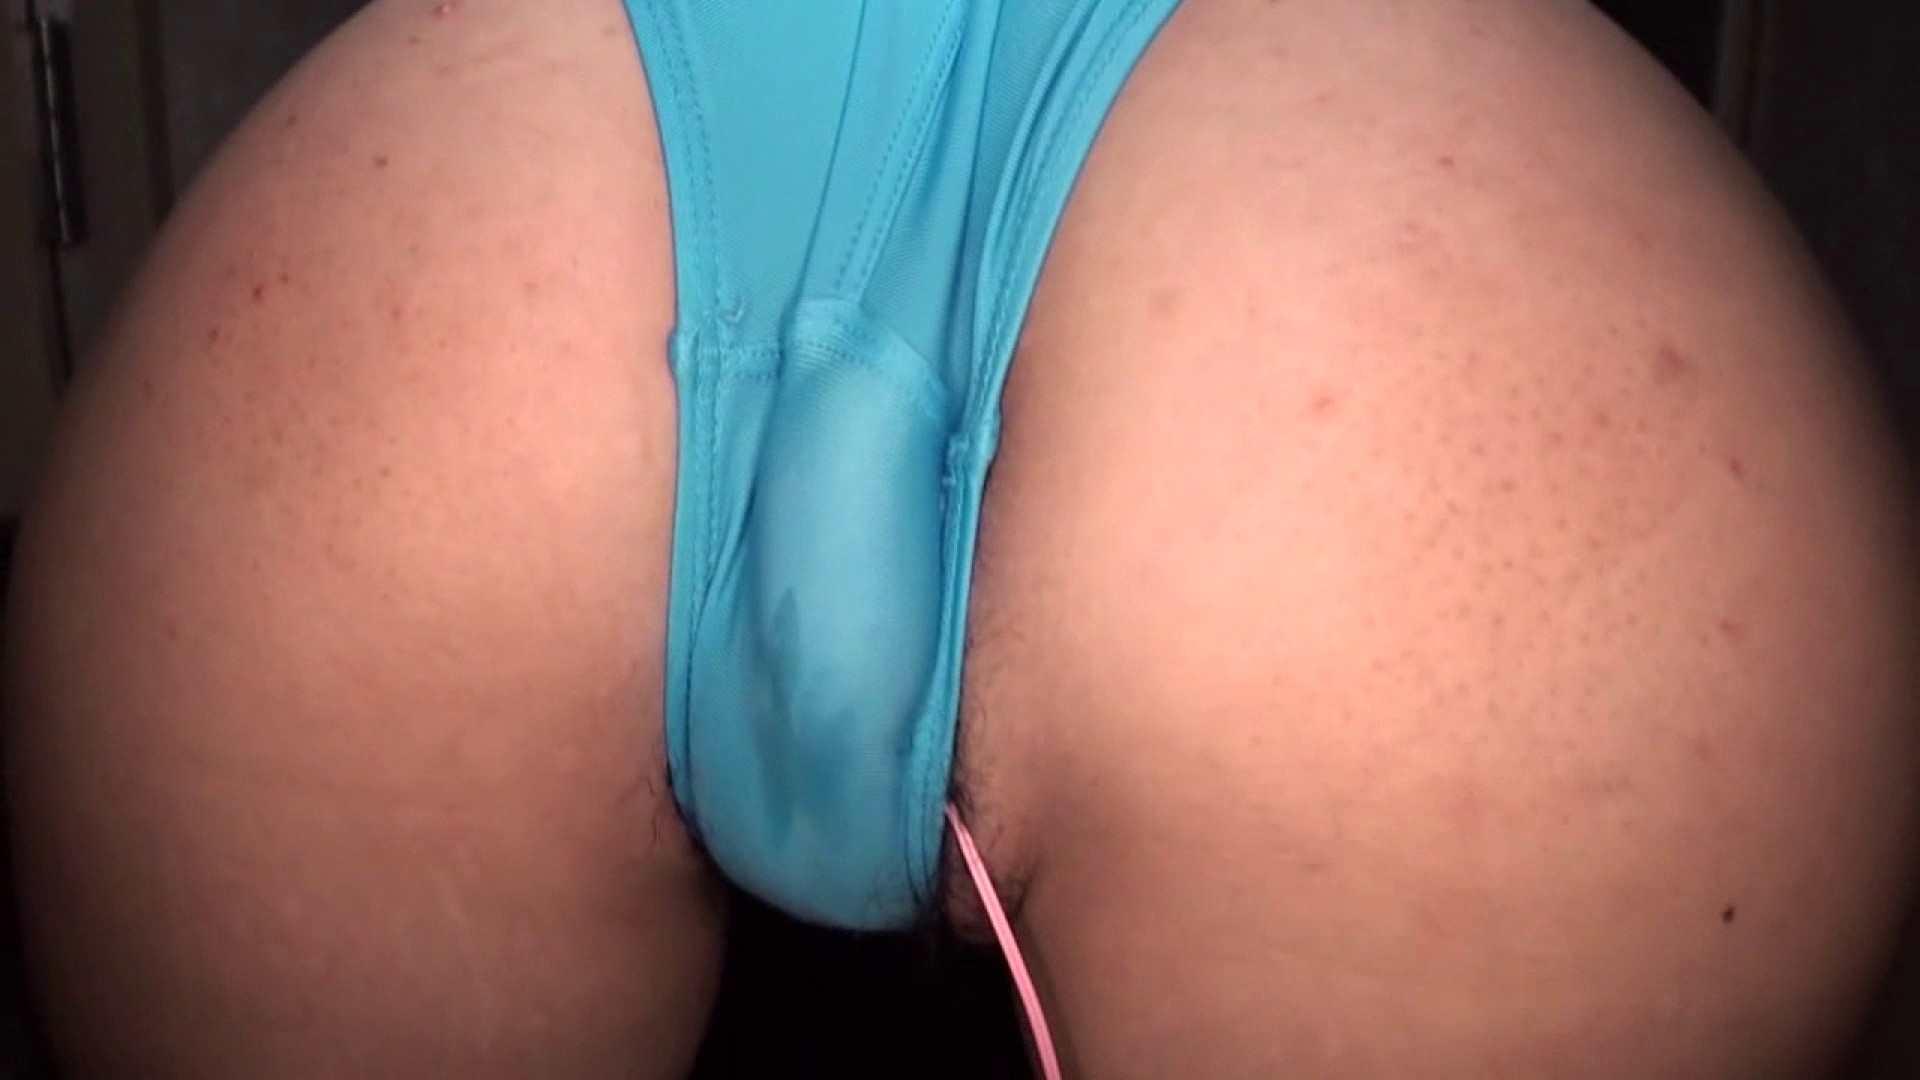 おしえてギャル子のH塾 Vol.40 フェラチオ  98pic 14